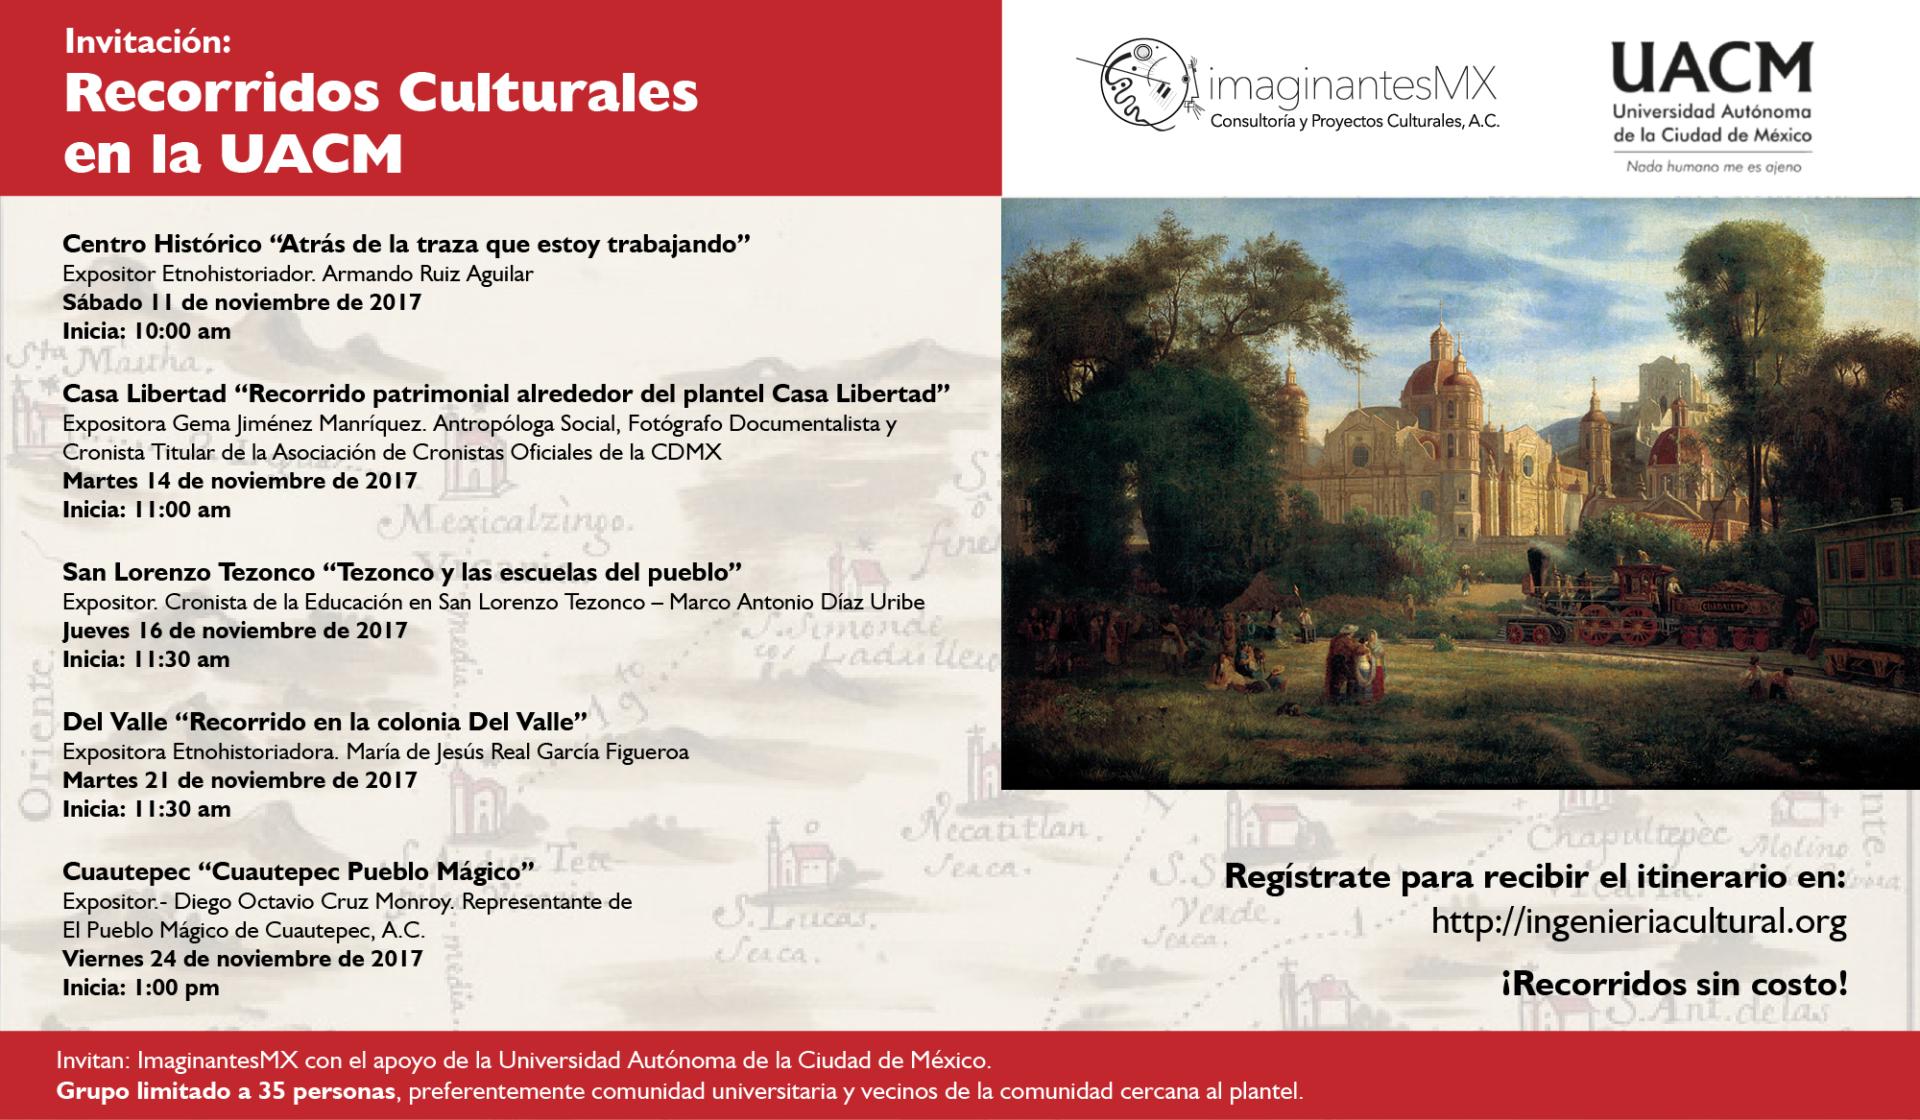 Recorridos Culturales en la UACM